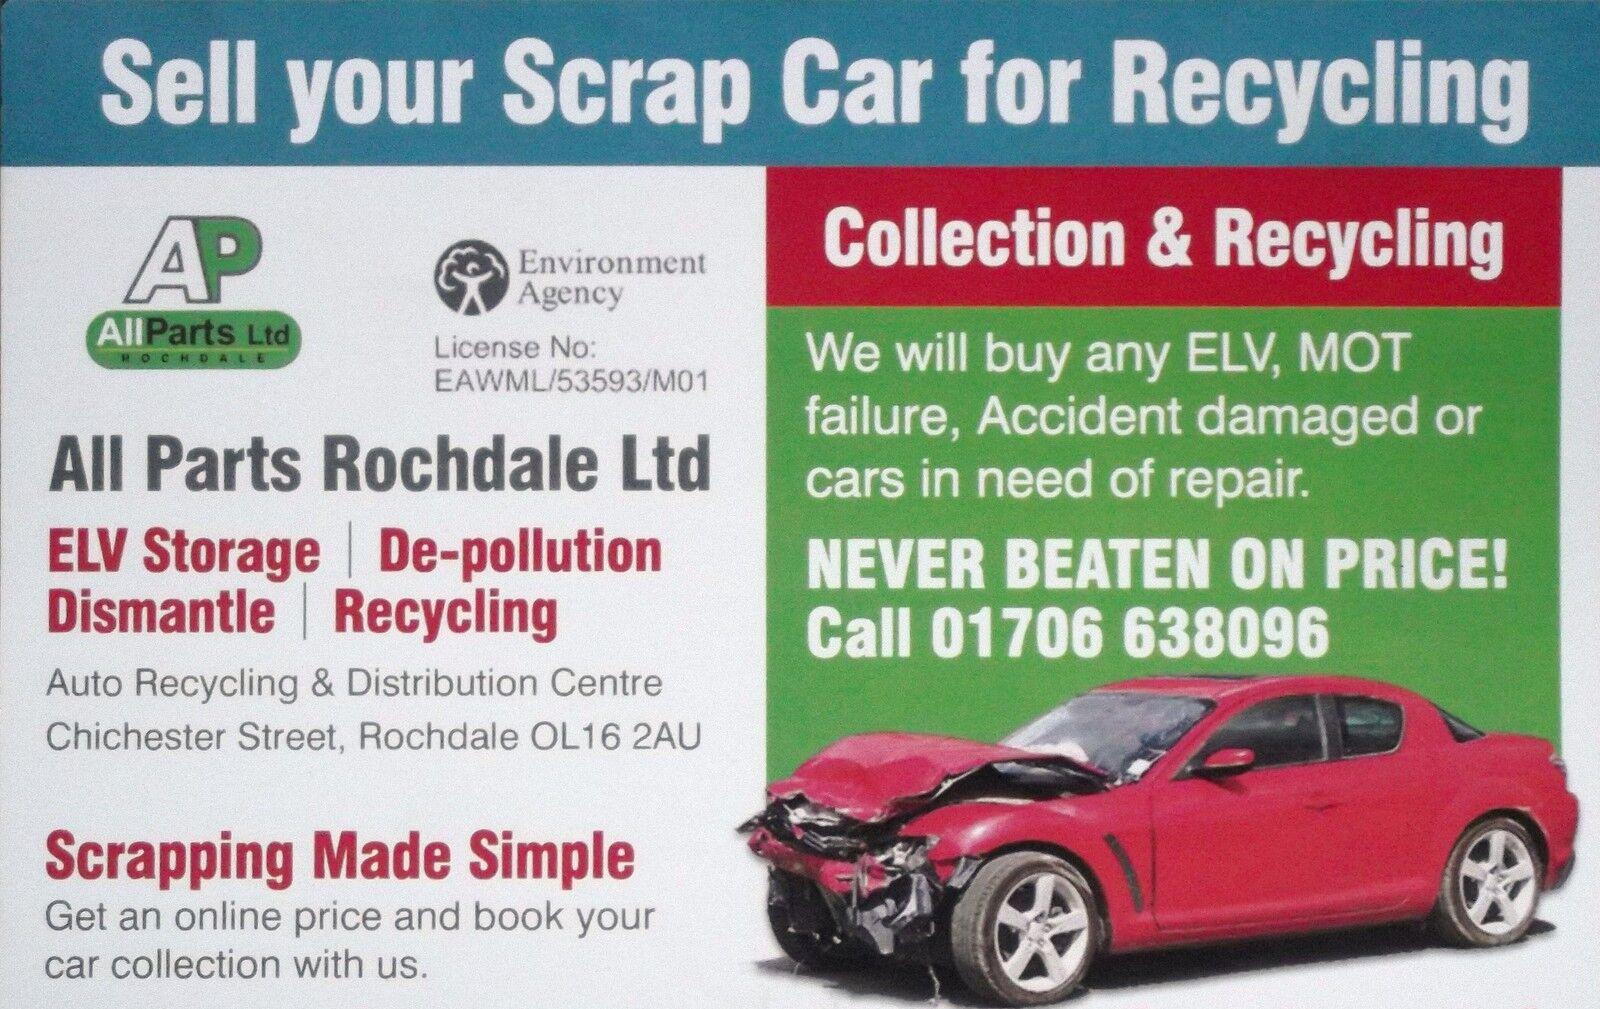 Allparts Rochdale Ltd